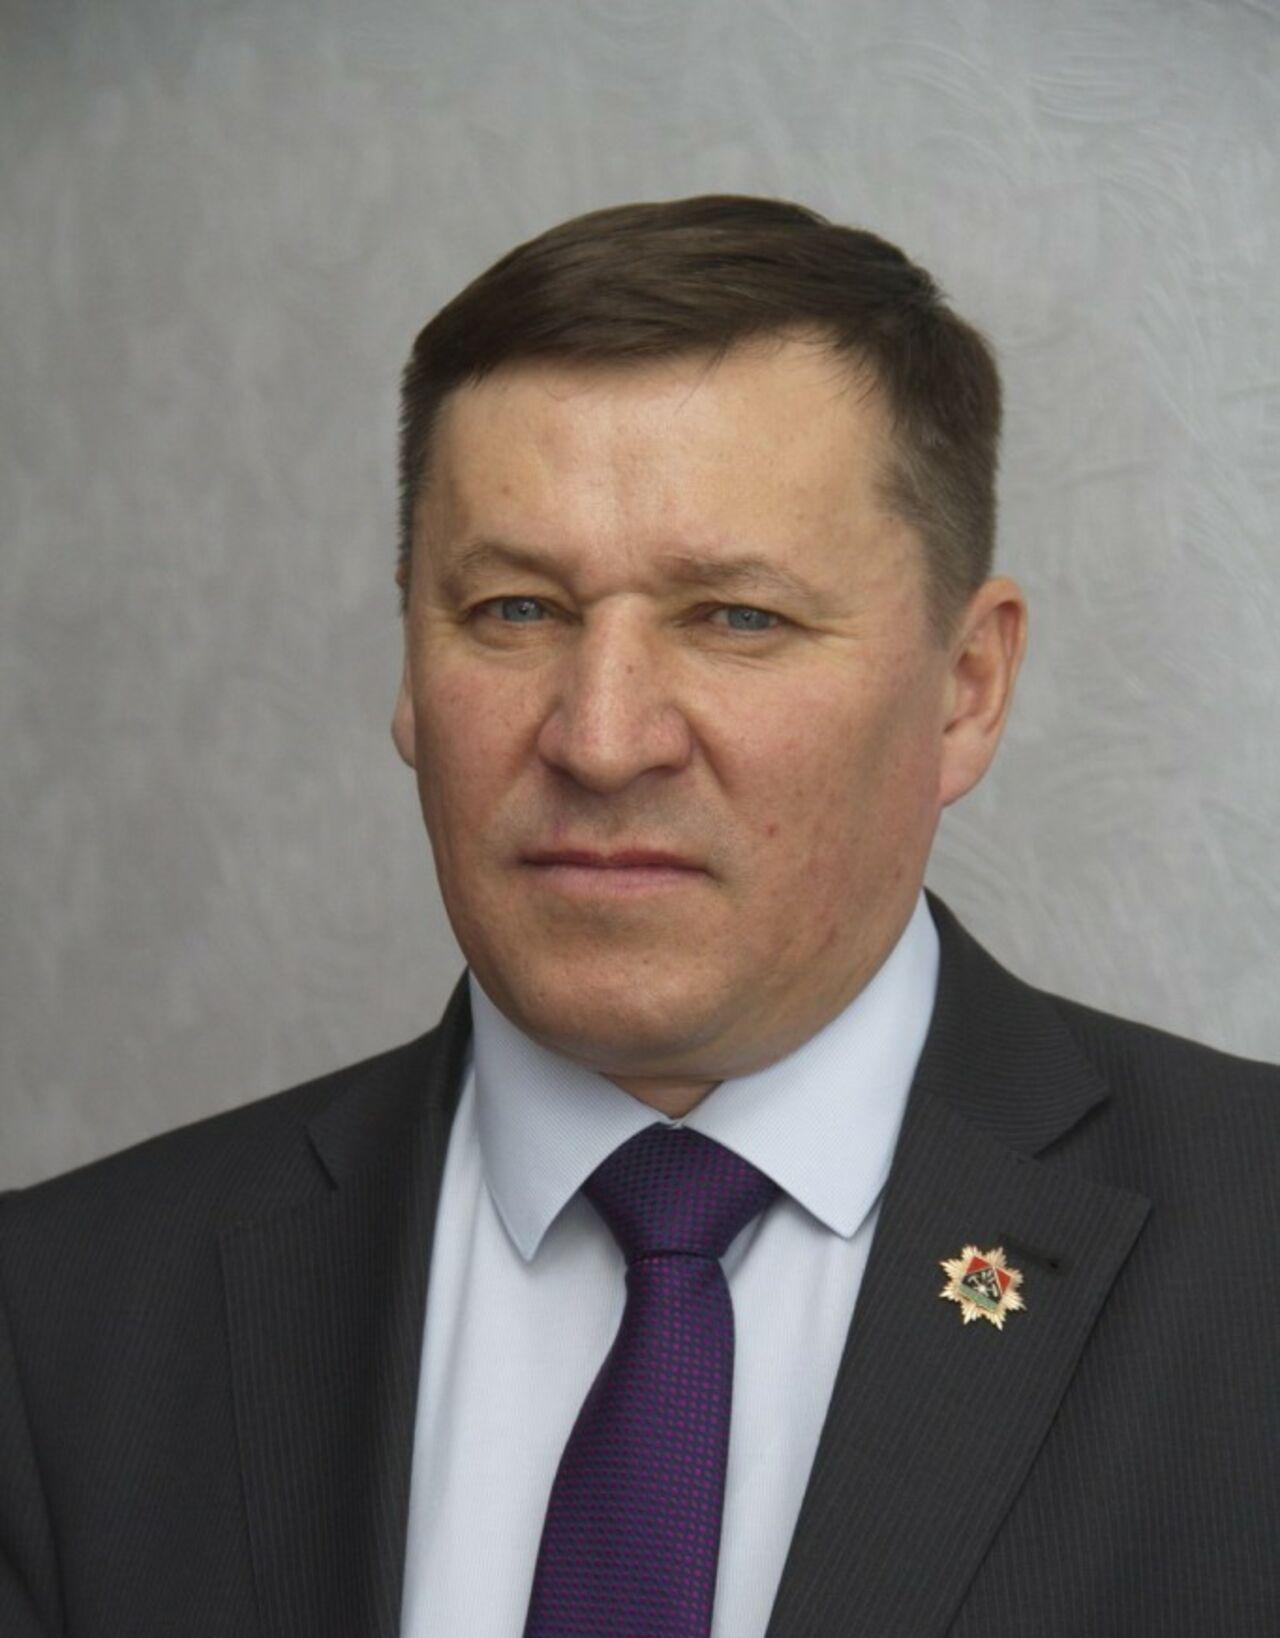 ВКузбассе назначен глава областного департамента транспорта исвязи